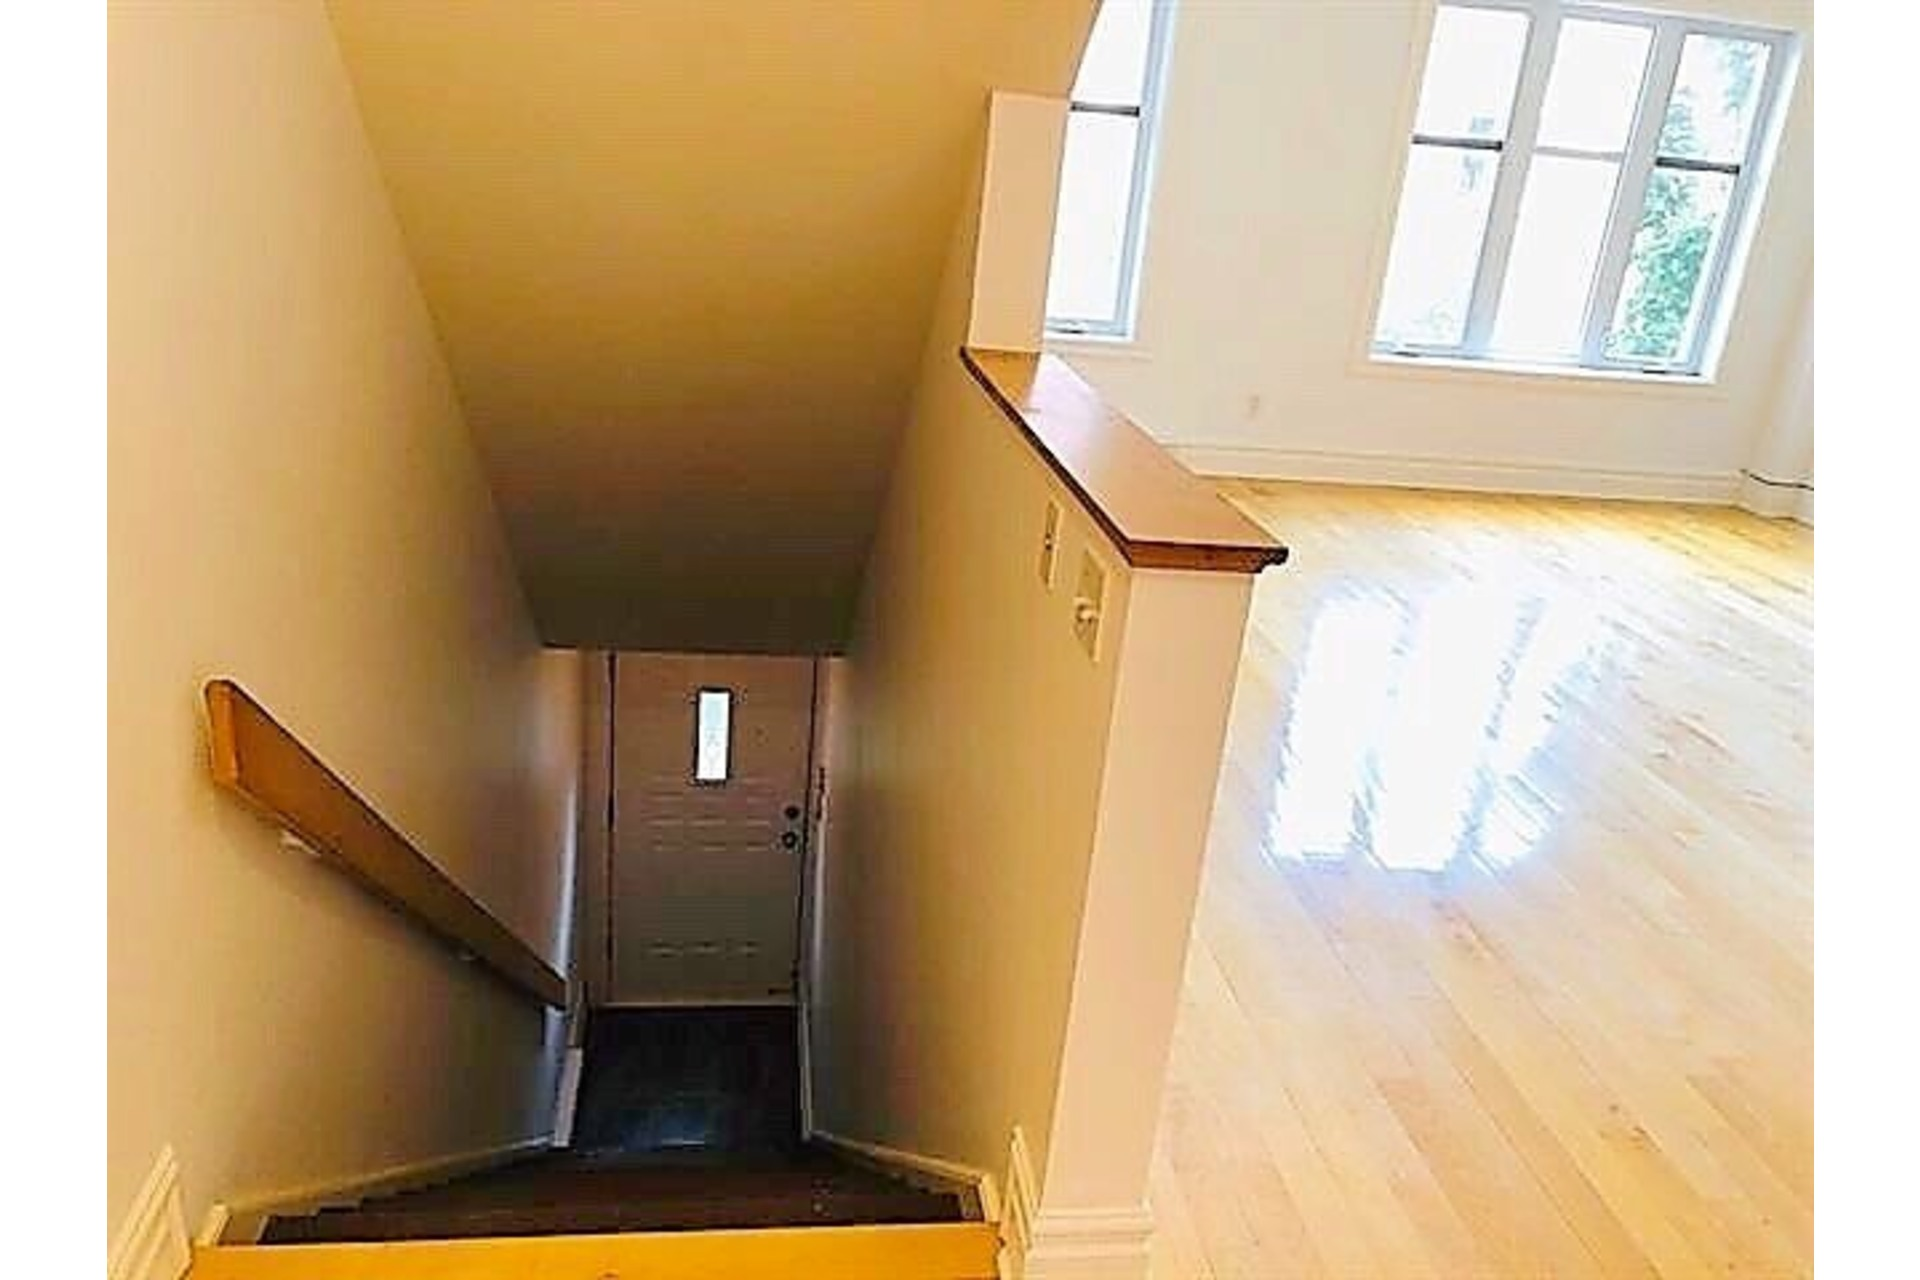 image 17 - Apartment For rent Ville-Marie Montréal  - 9 rooms